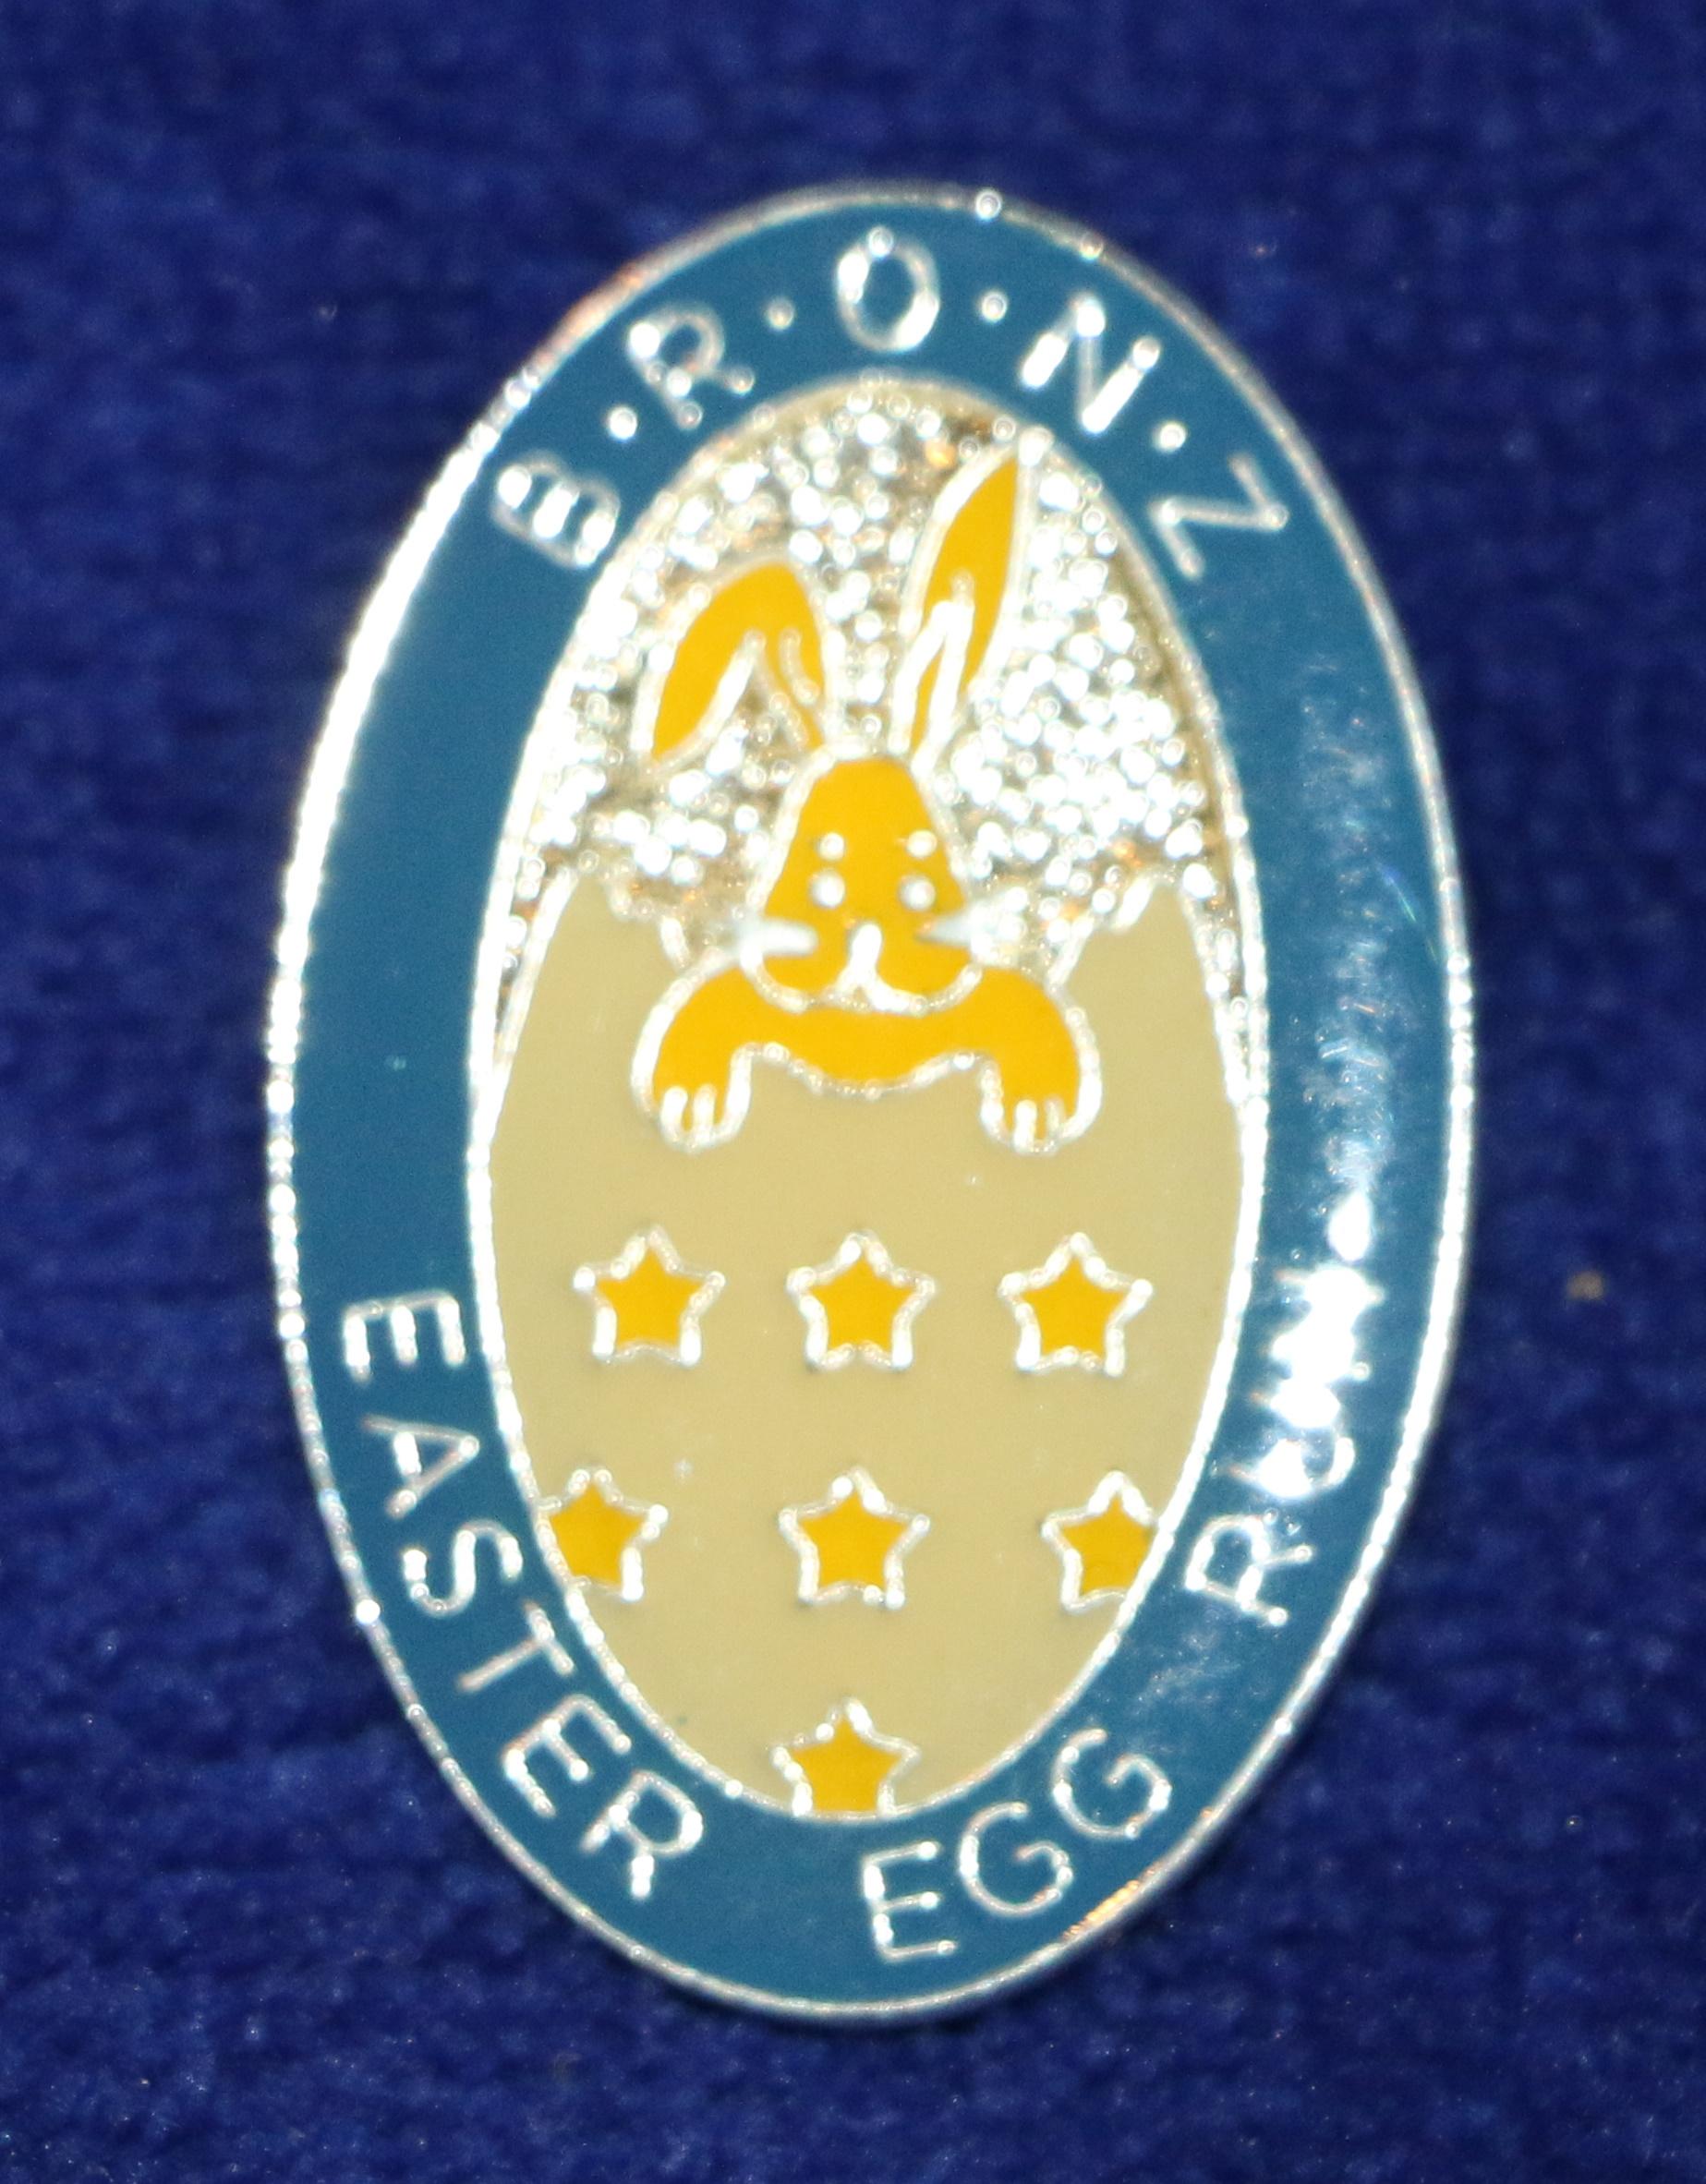 2019 Easter Egg Badge